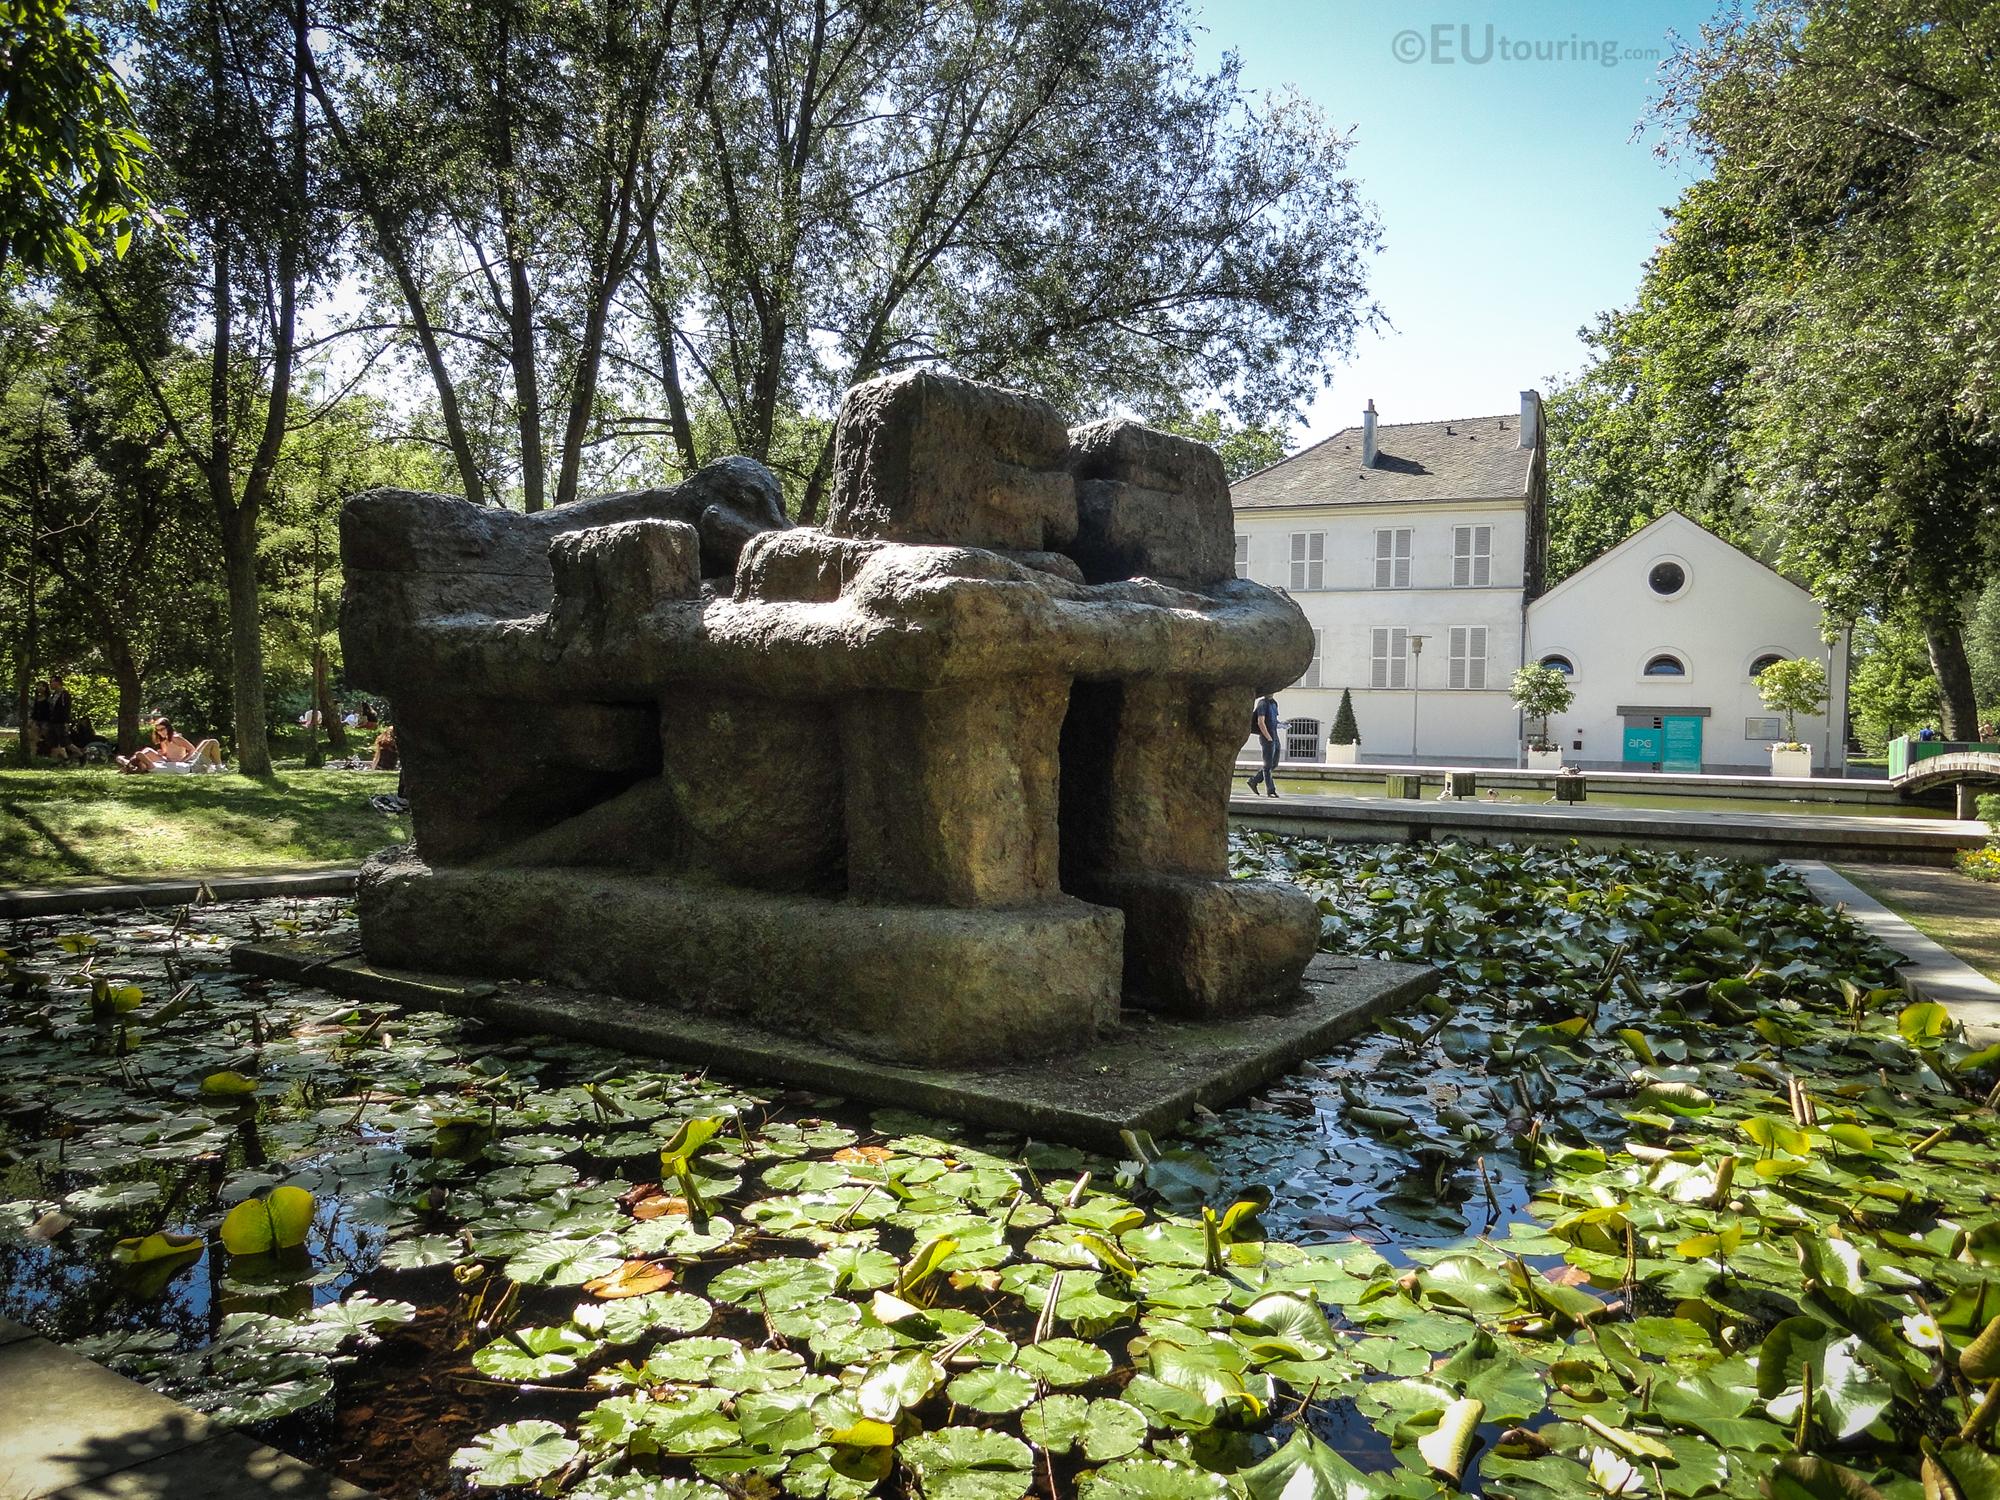 Agence Parisienne du Climat and statue